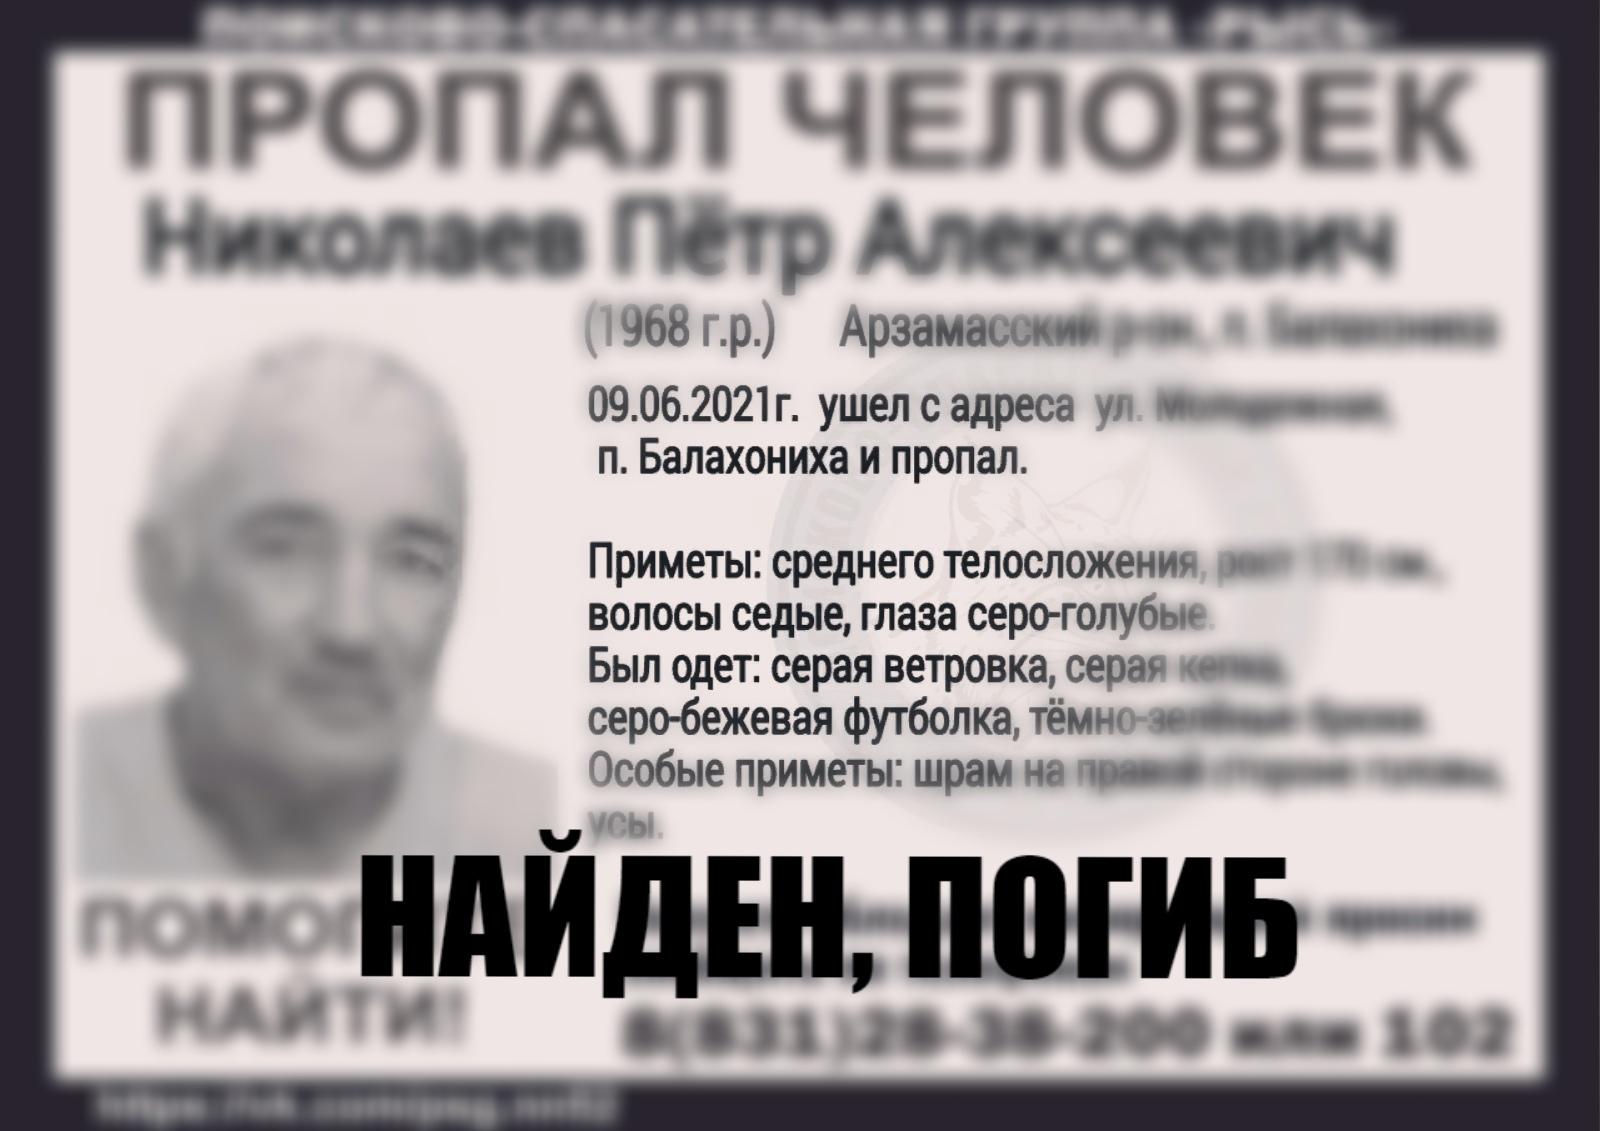 Николаев Пётр Алексеевич